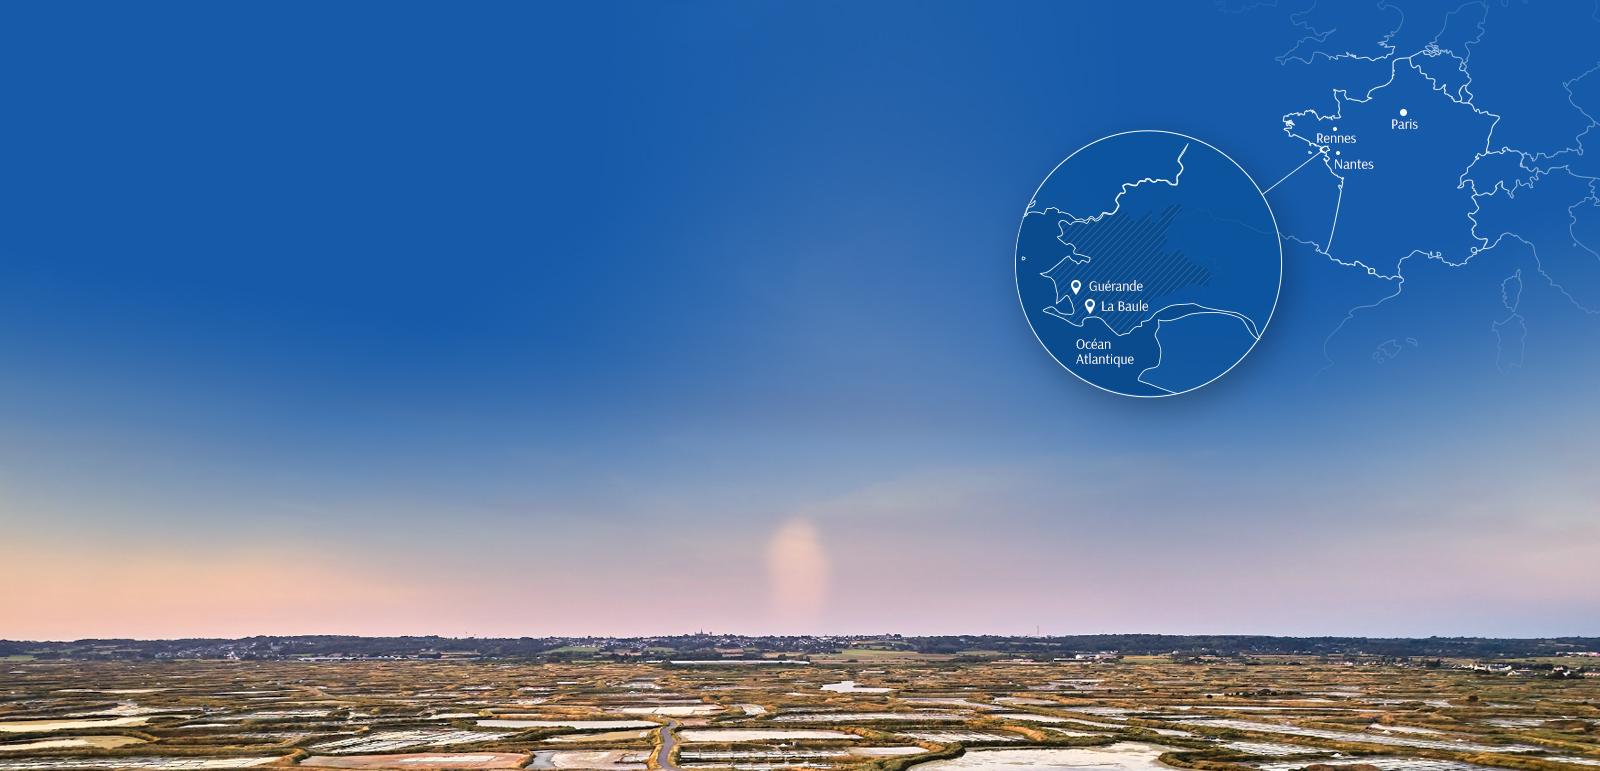 explorer-le-territoire-15031-17303